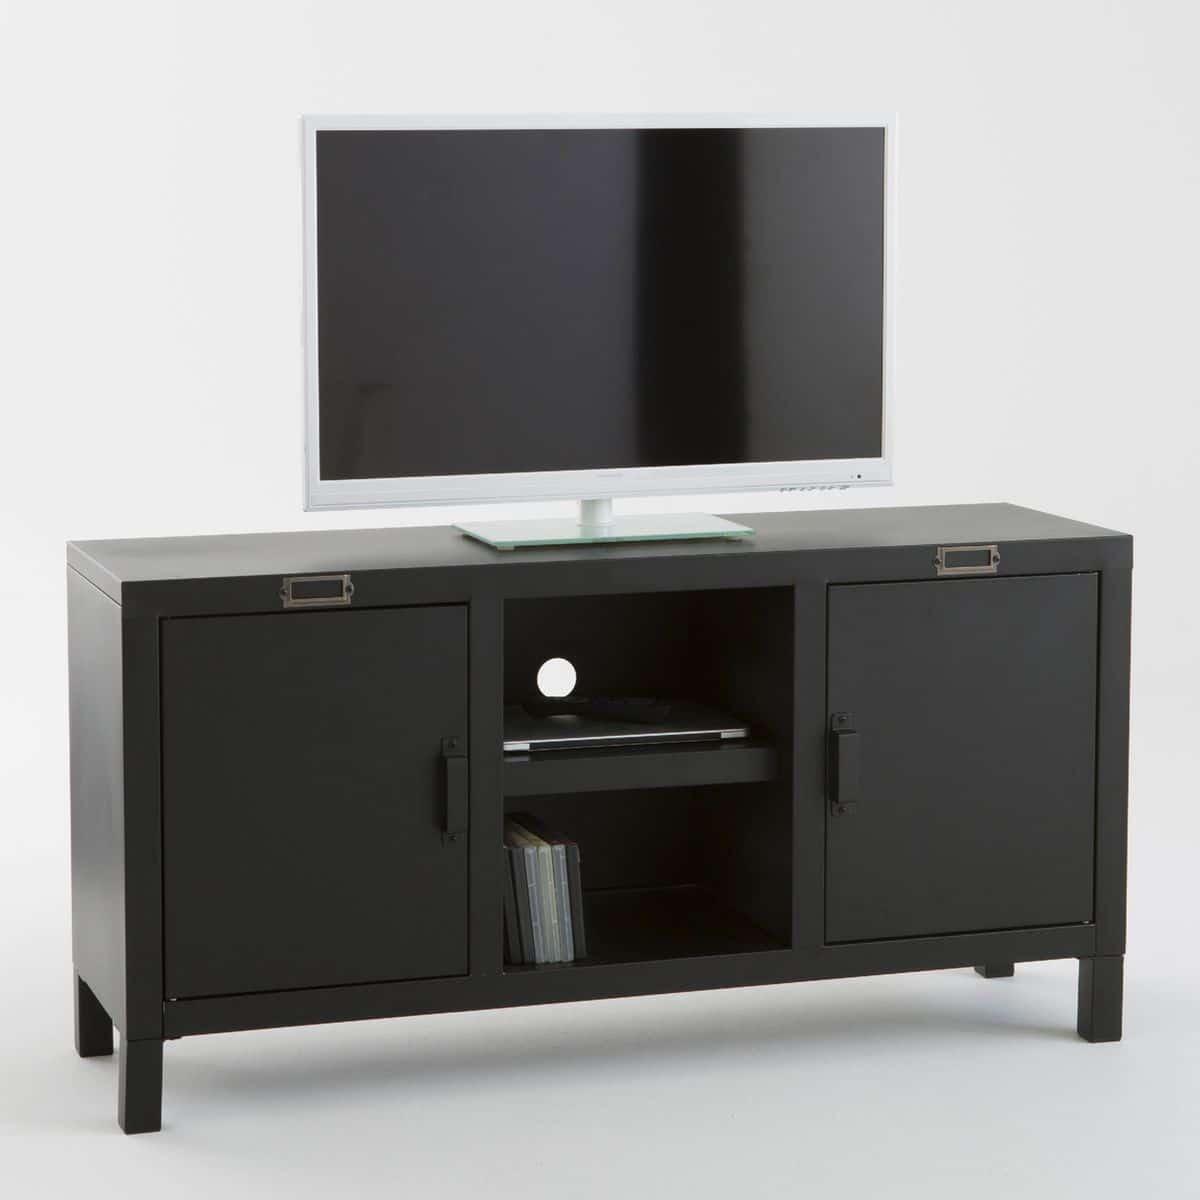 Meuble Tv Industriel 40 Id Es Et Mod Les 100 D Cal S # Meuble Tv Hiba